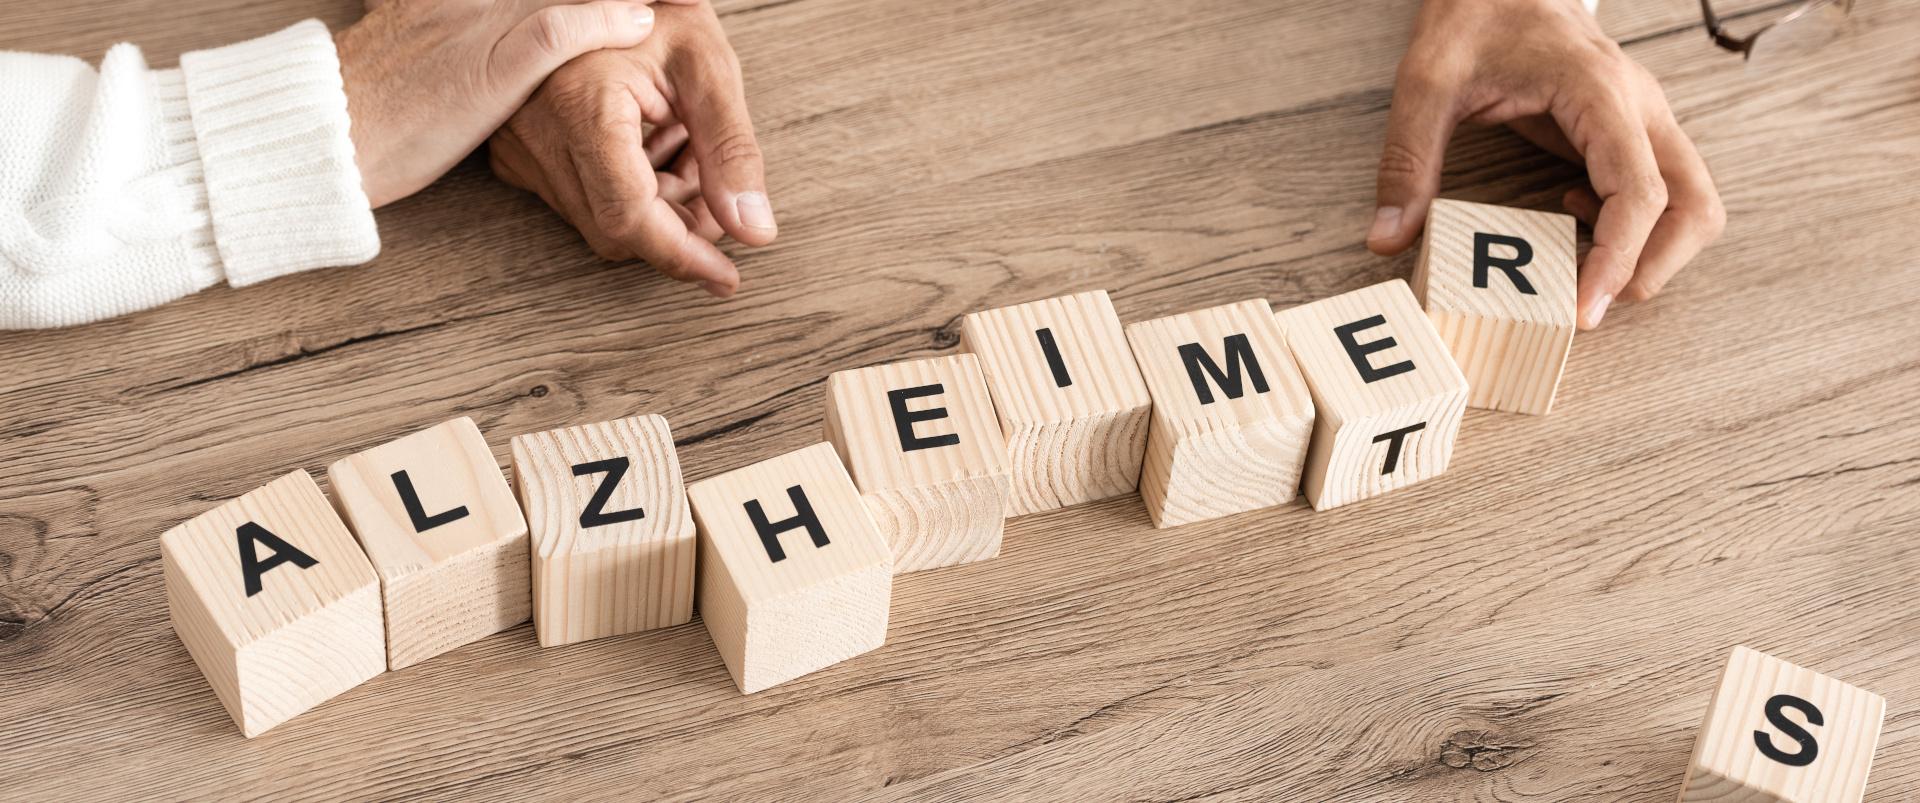 21 września - Światowy Dzień Choroby Alzheimera